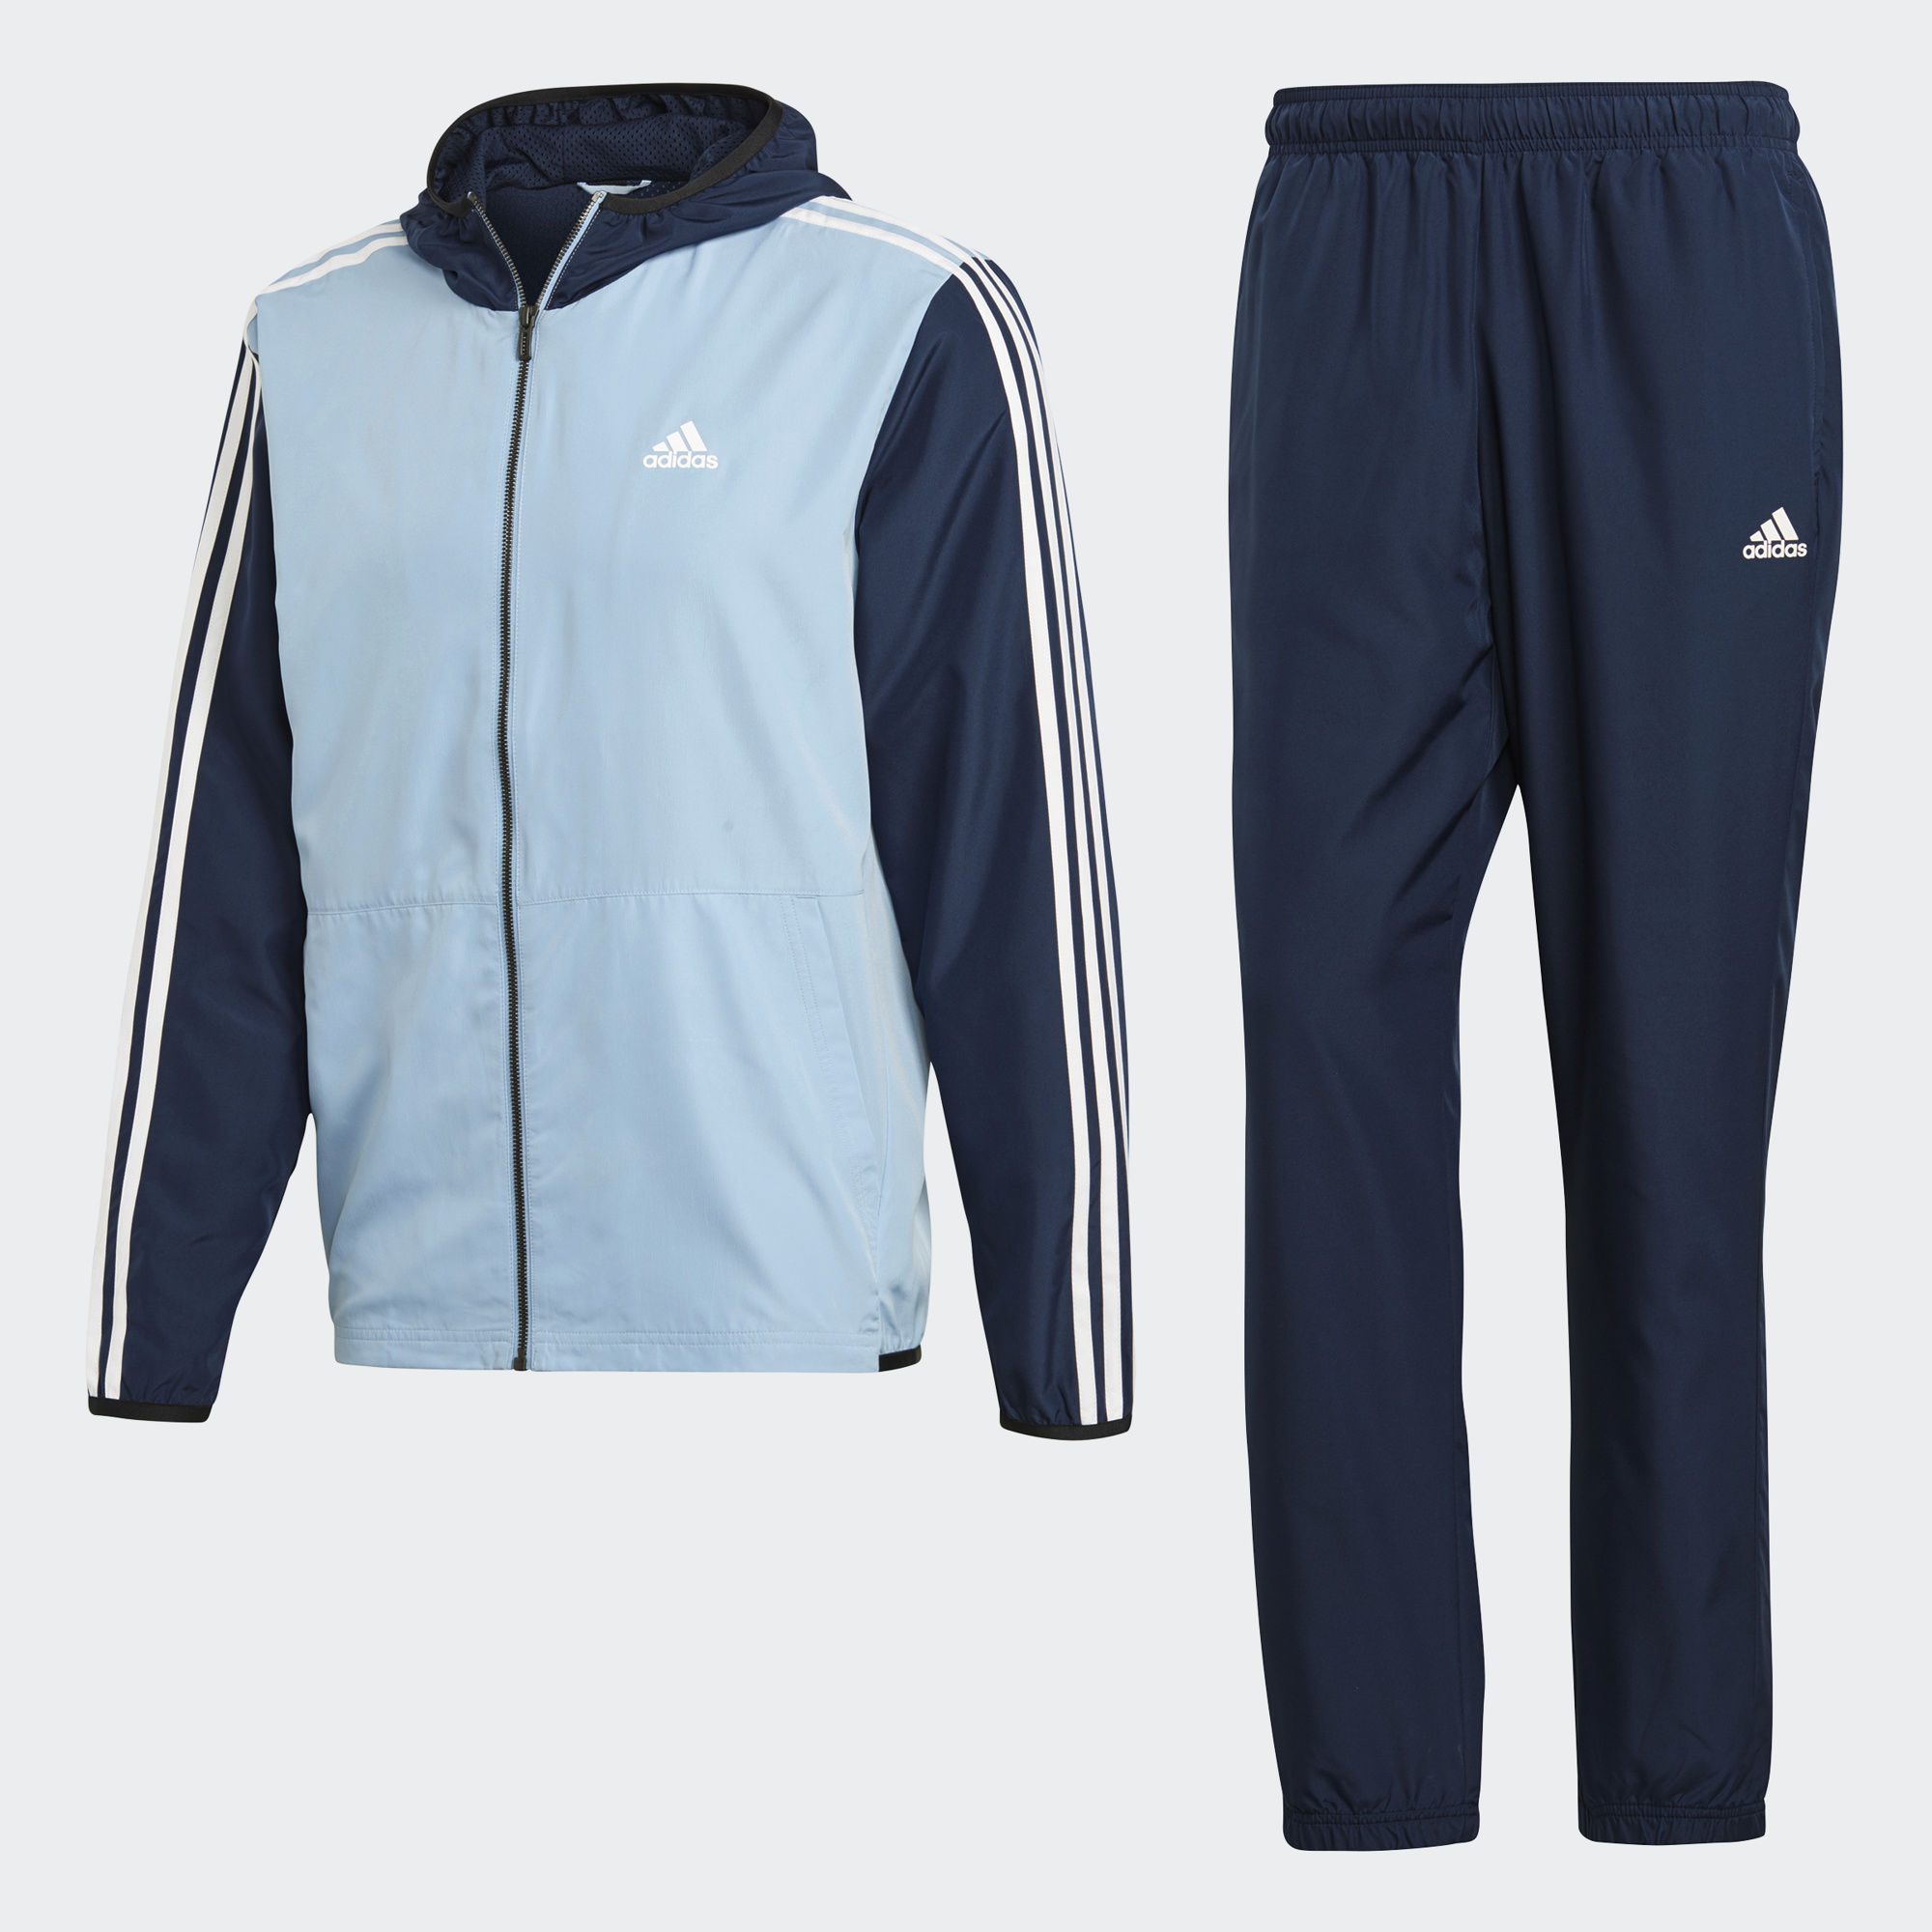 Купить Спортивный костюм мужской adidas Mts Wv Pride, цвет: синий. CD6368. Размер 7 (52)